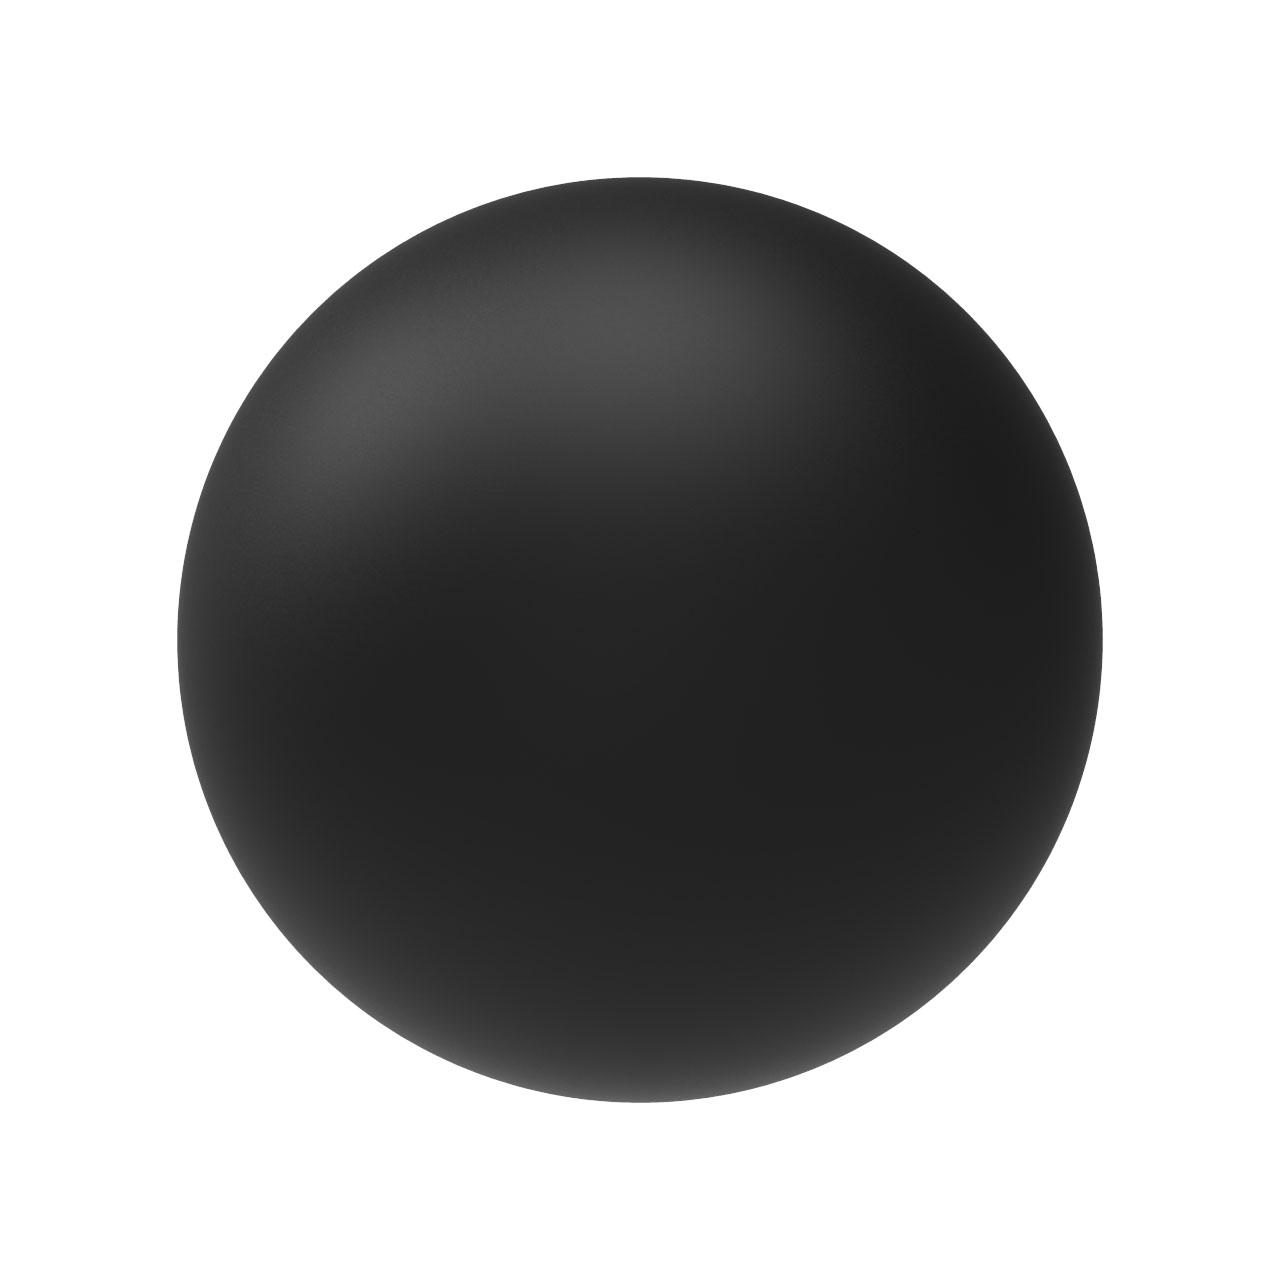 HIQPARTS(ハイキューパーツ) ネオジム磁石 ボール型 ブラック6.0mm(10個入) [MGNB-B60] 4573211373035